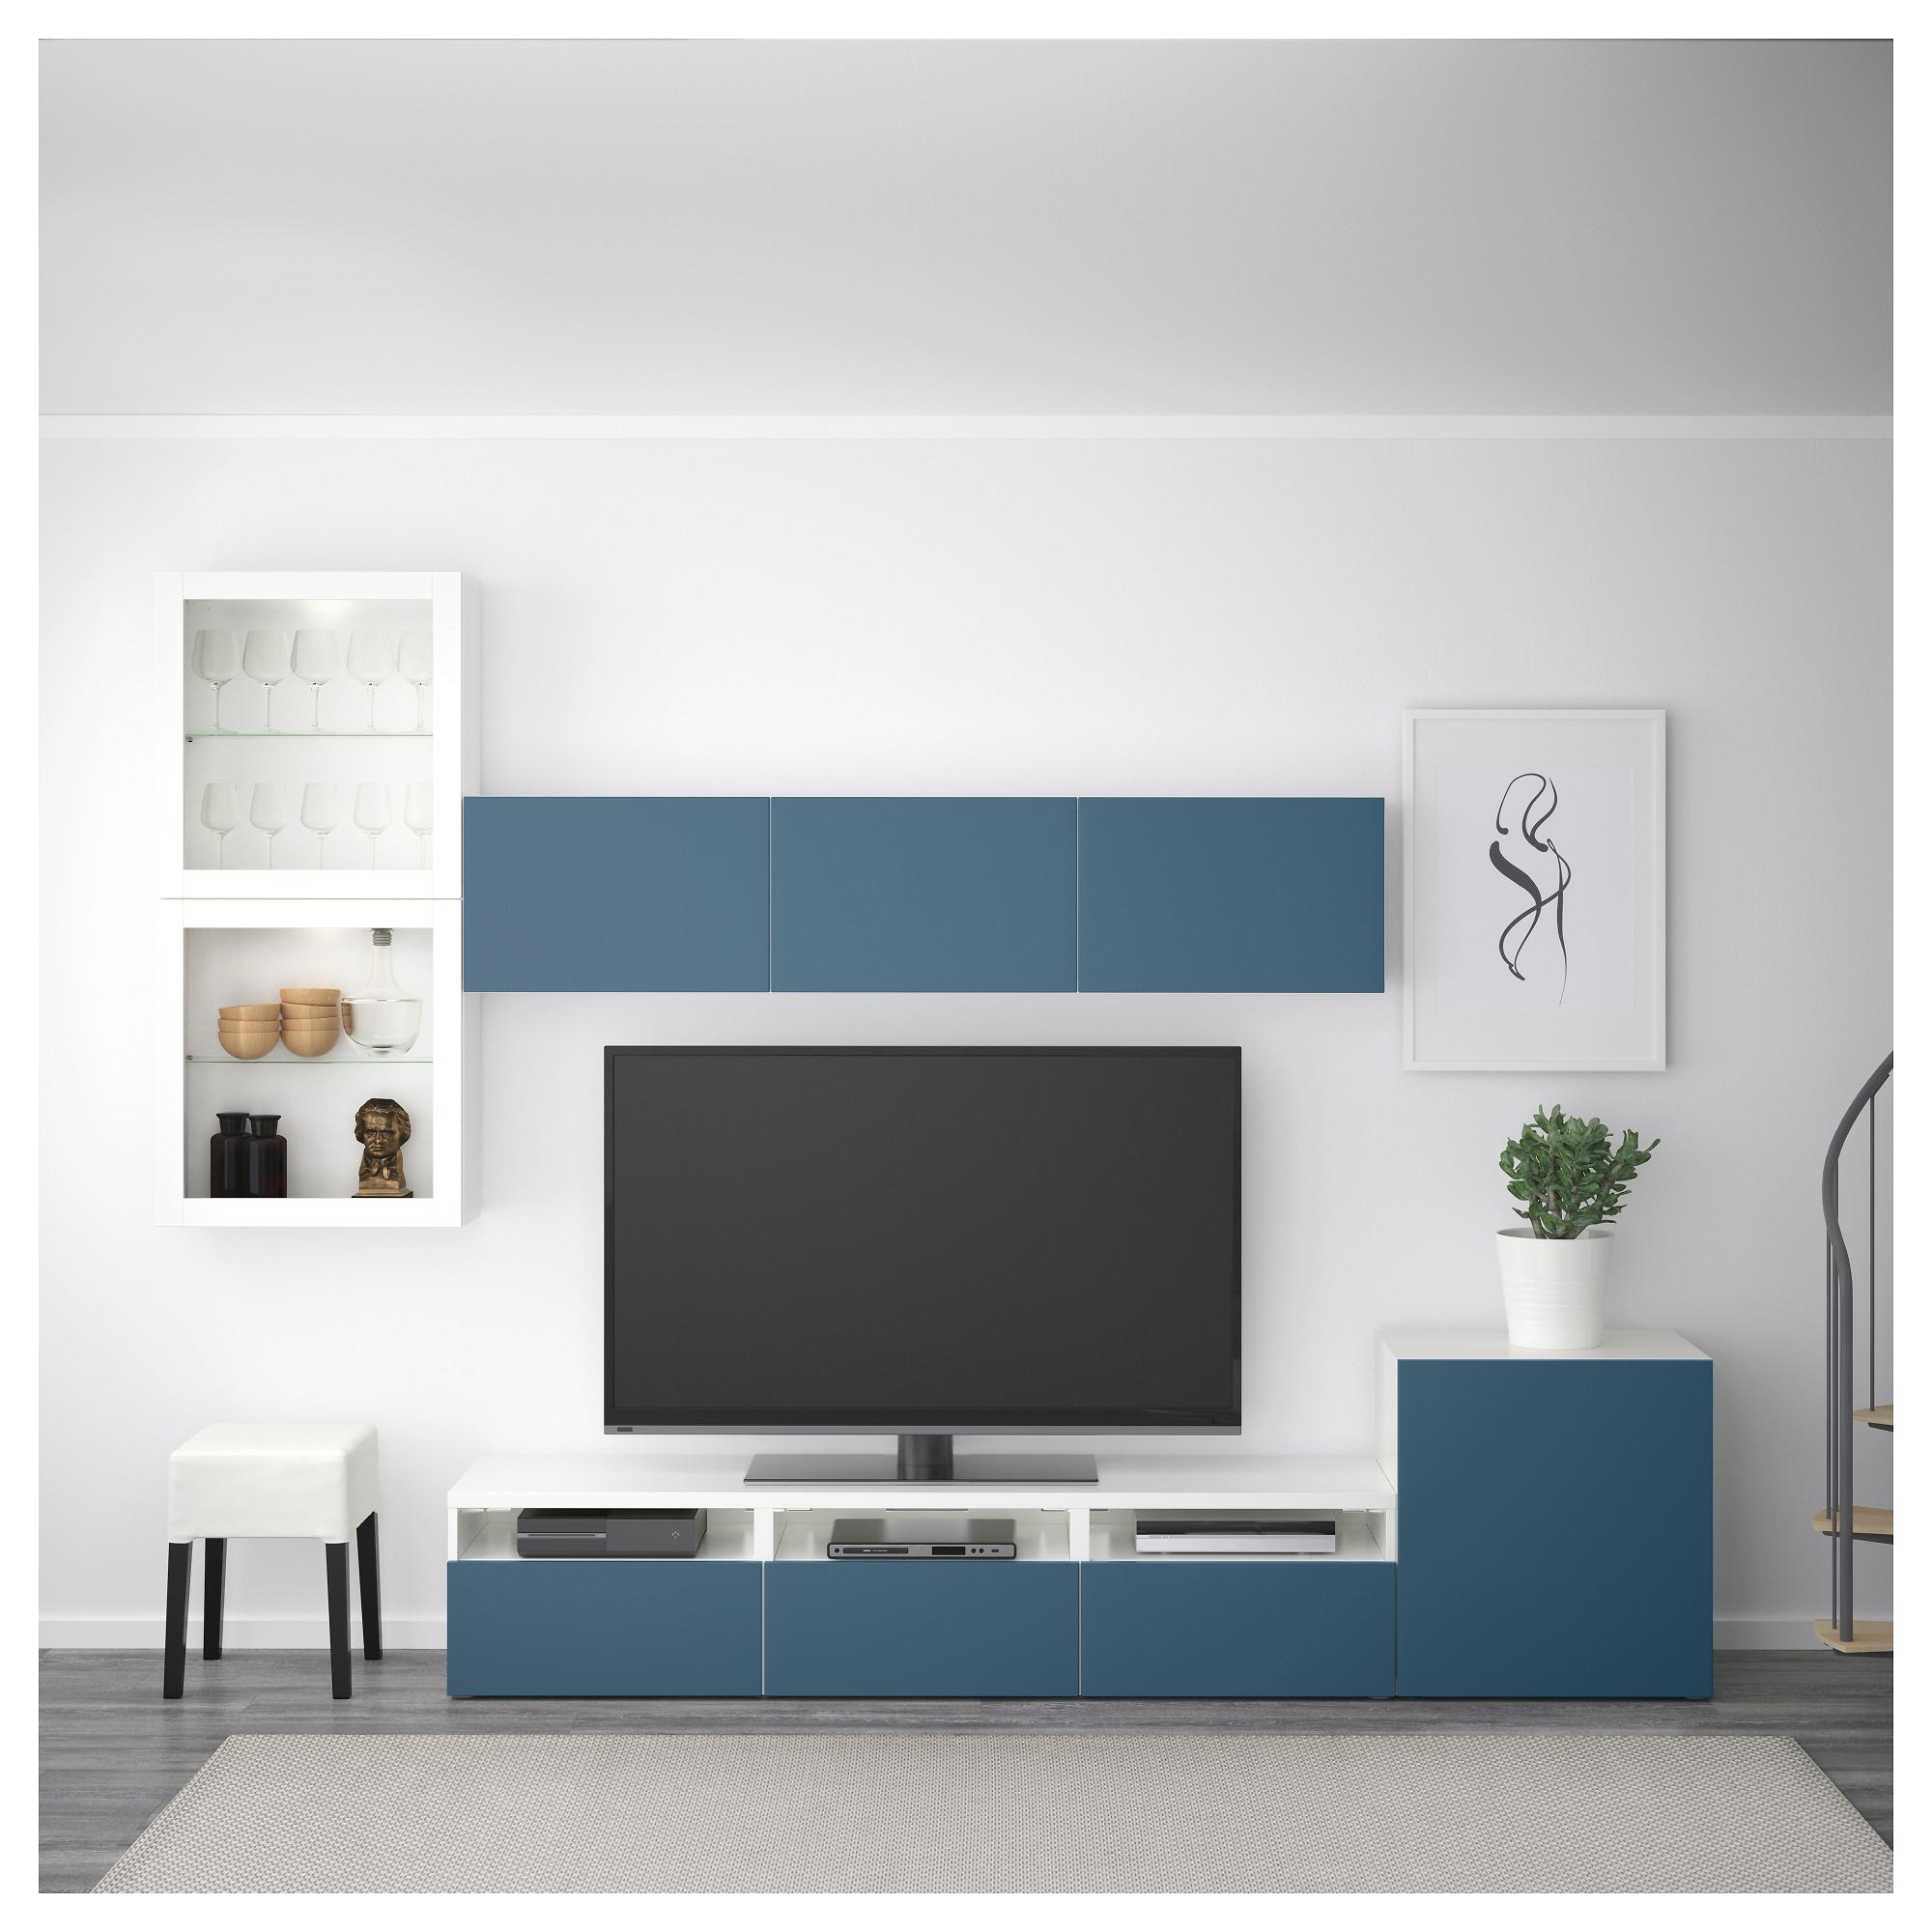 Шкаф для ТВ, комбинированный, стекляные дверцы БЕСТО артикуль № 292.522.57 в наличии. Online сайт IKEA Минск. Недорогая доставка и установка.